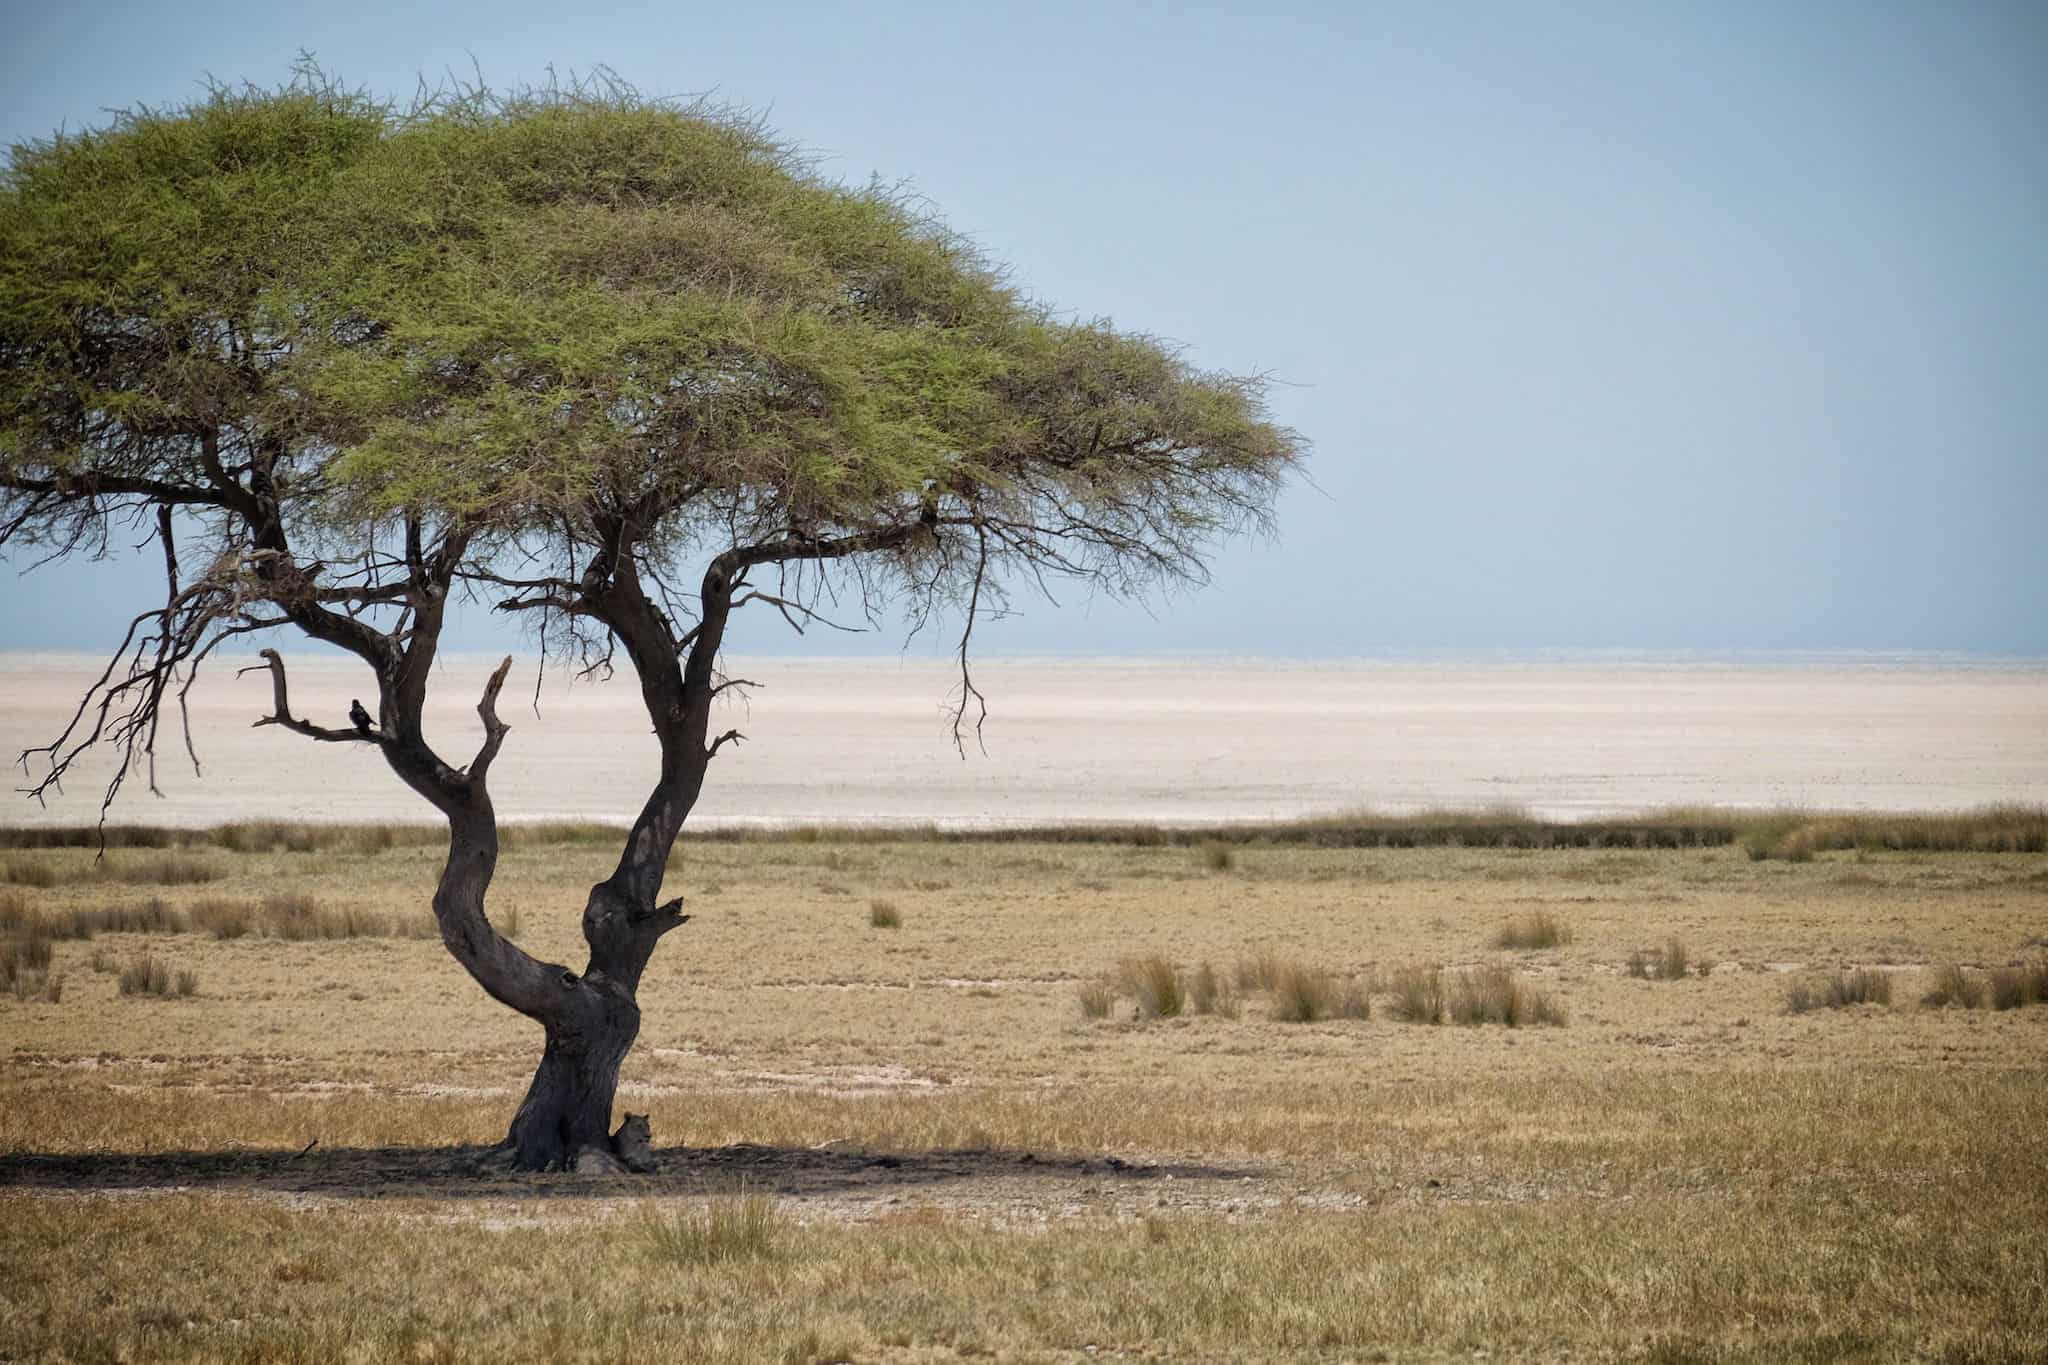 Etosha National Park Lion Sleeping